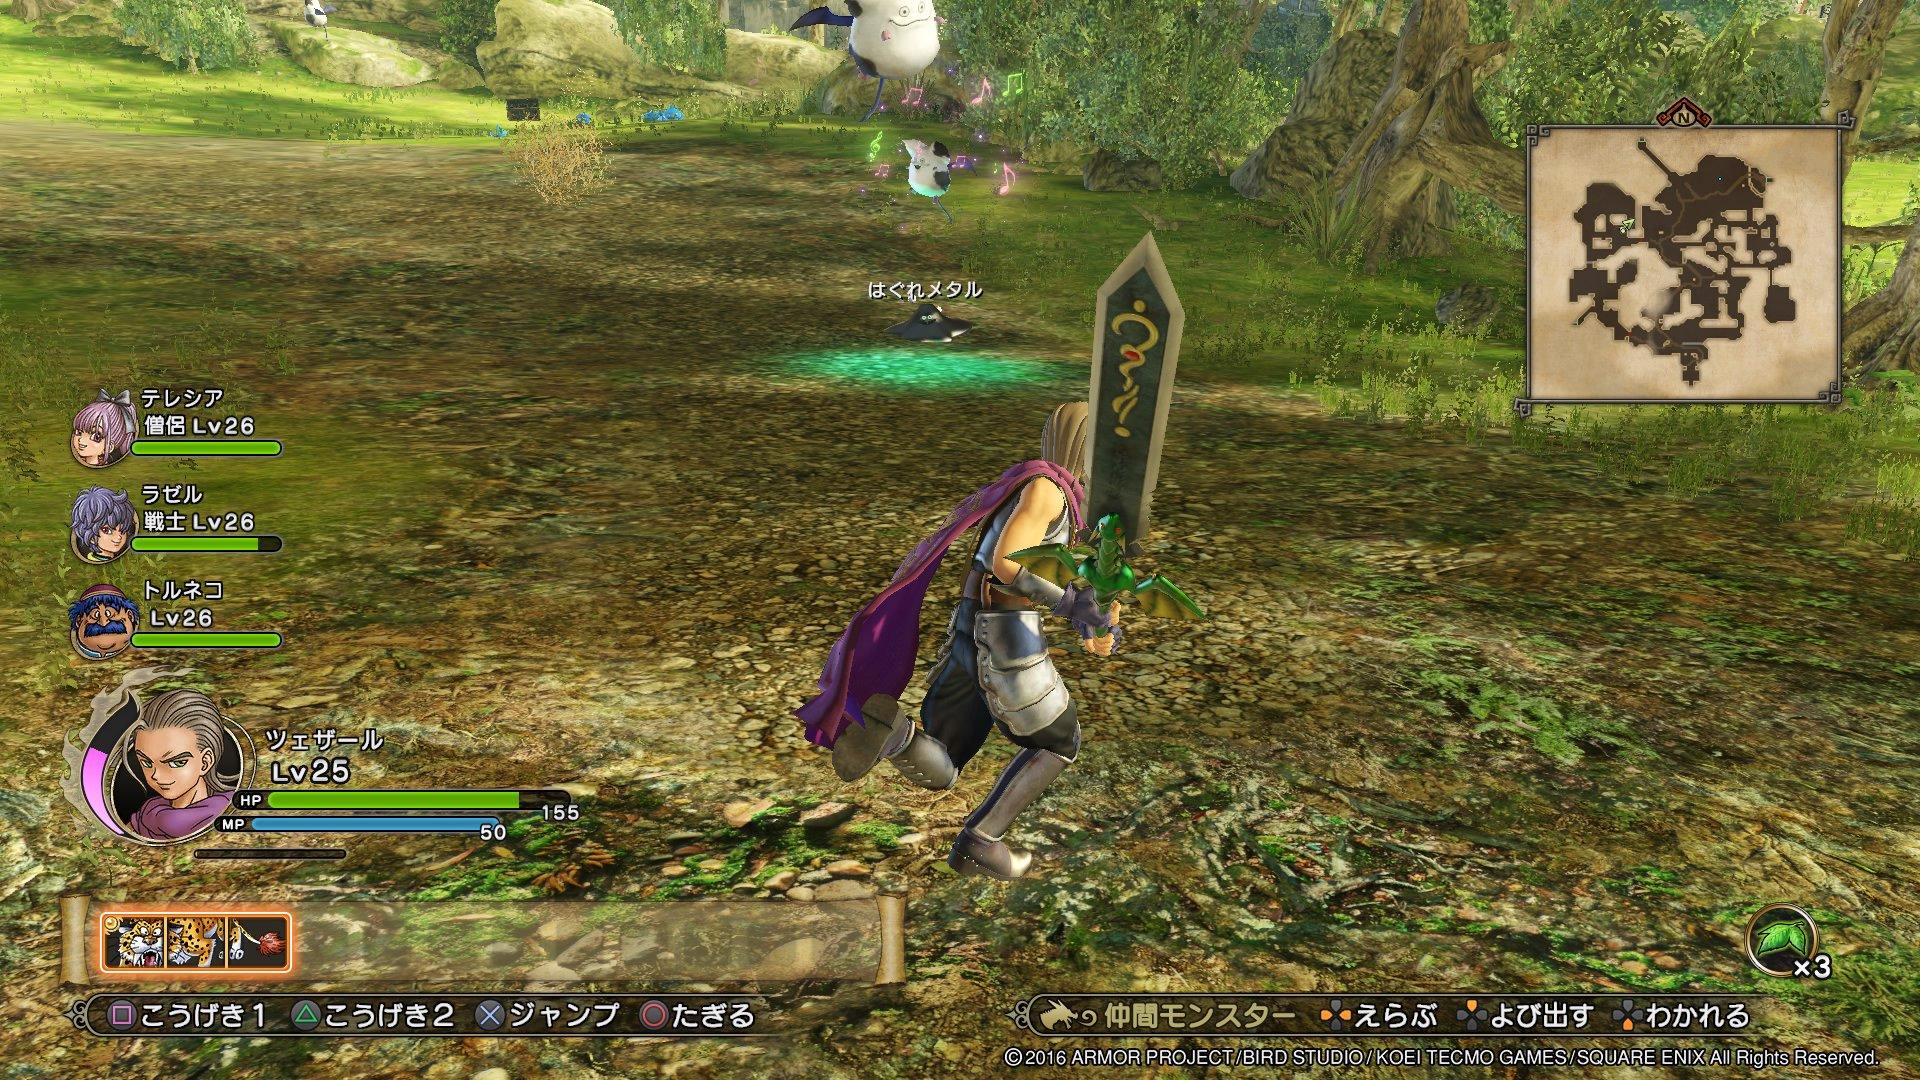 Dqh2 はぐれメタルの出現場所と倒し方 ドラゴンクエストヒーローズ2